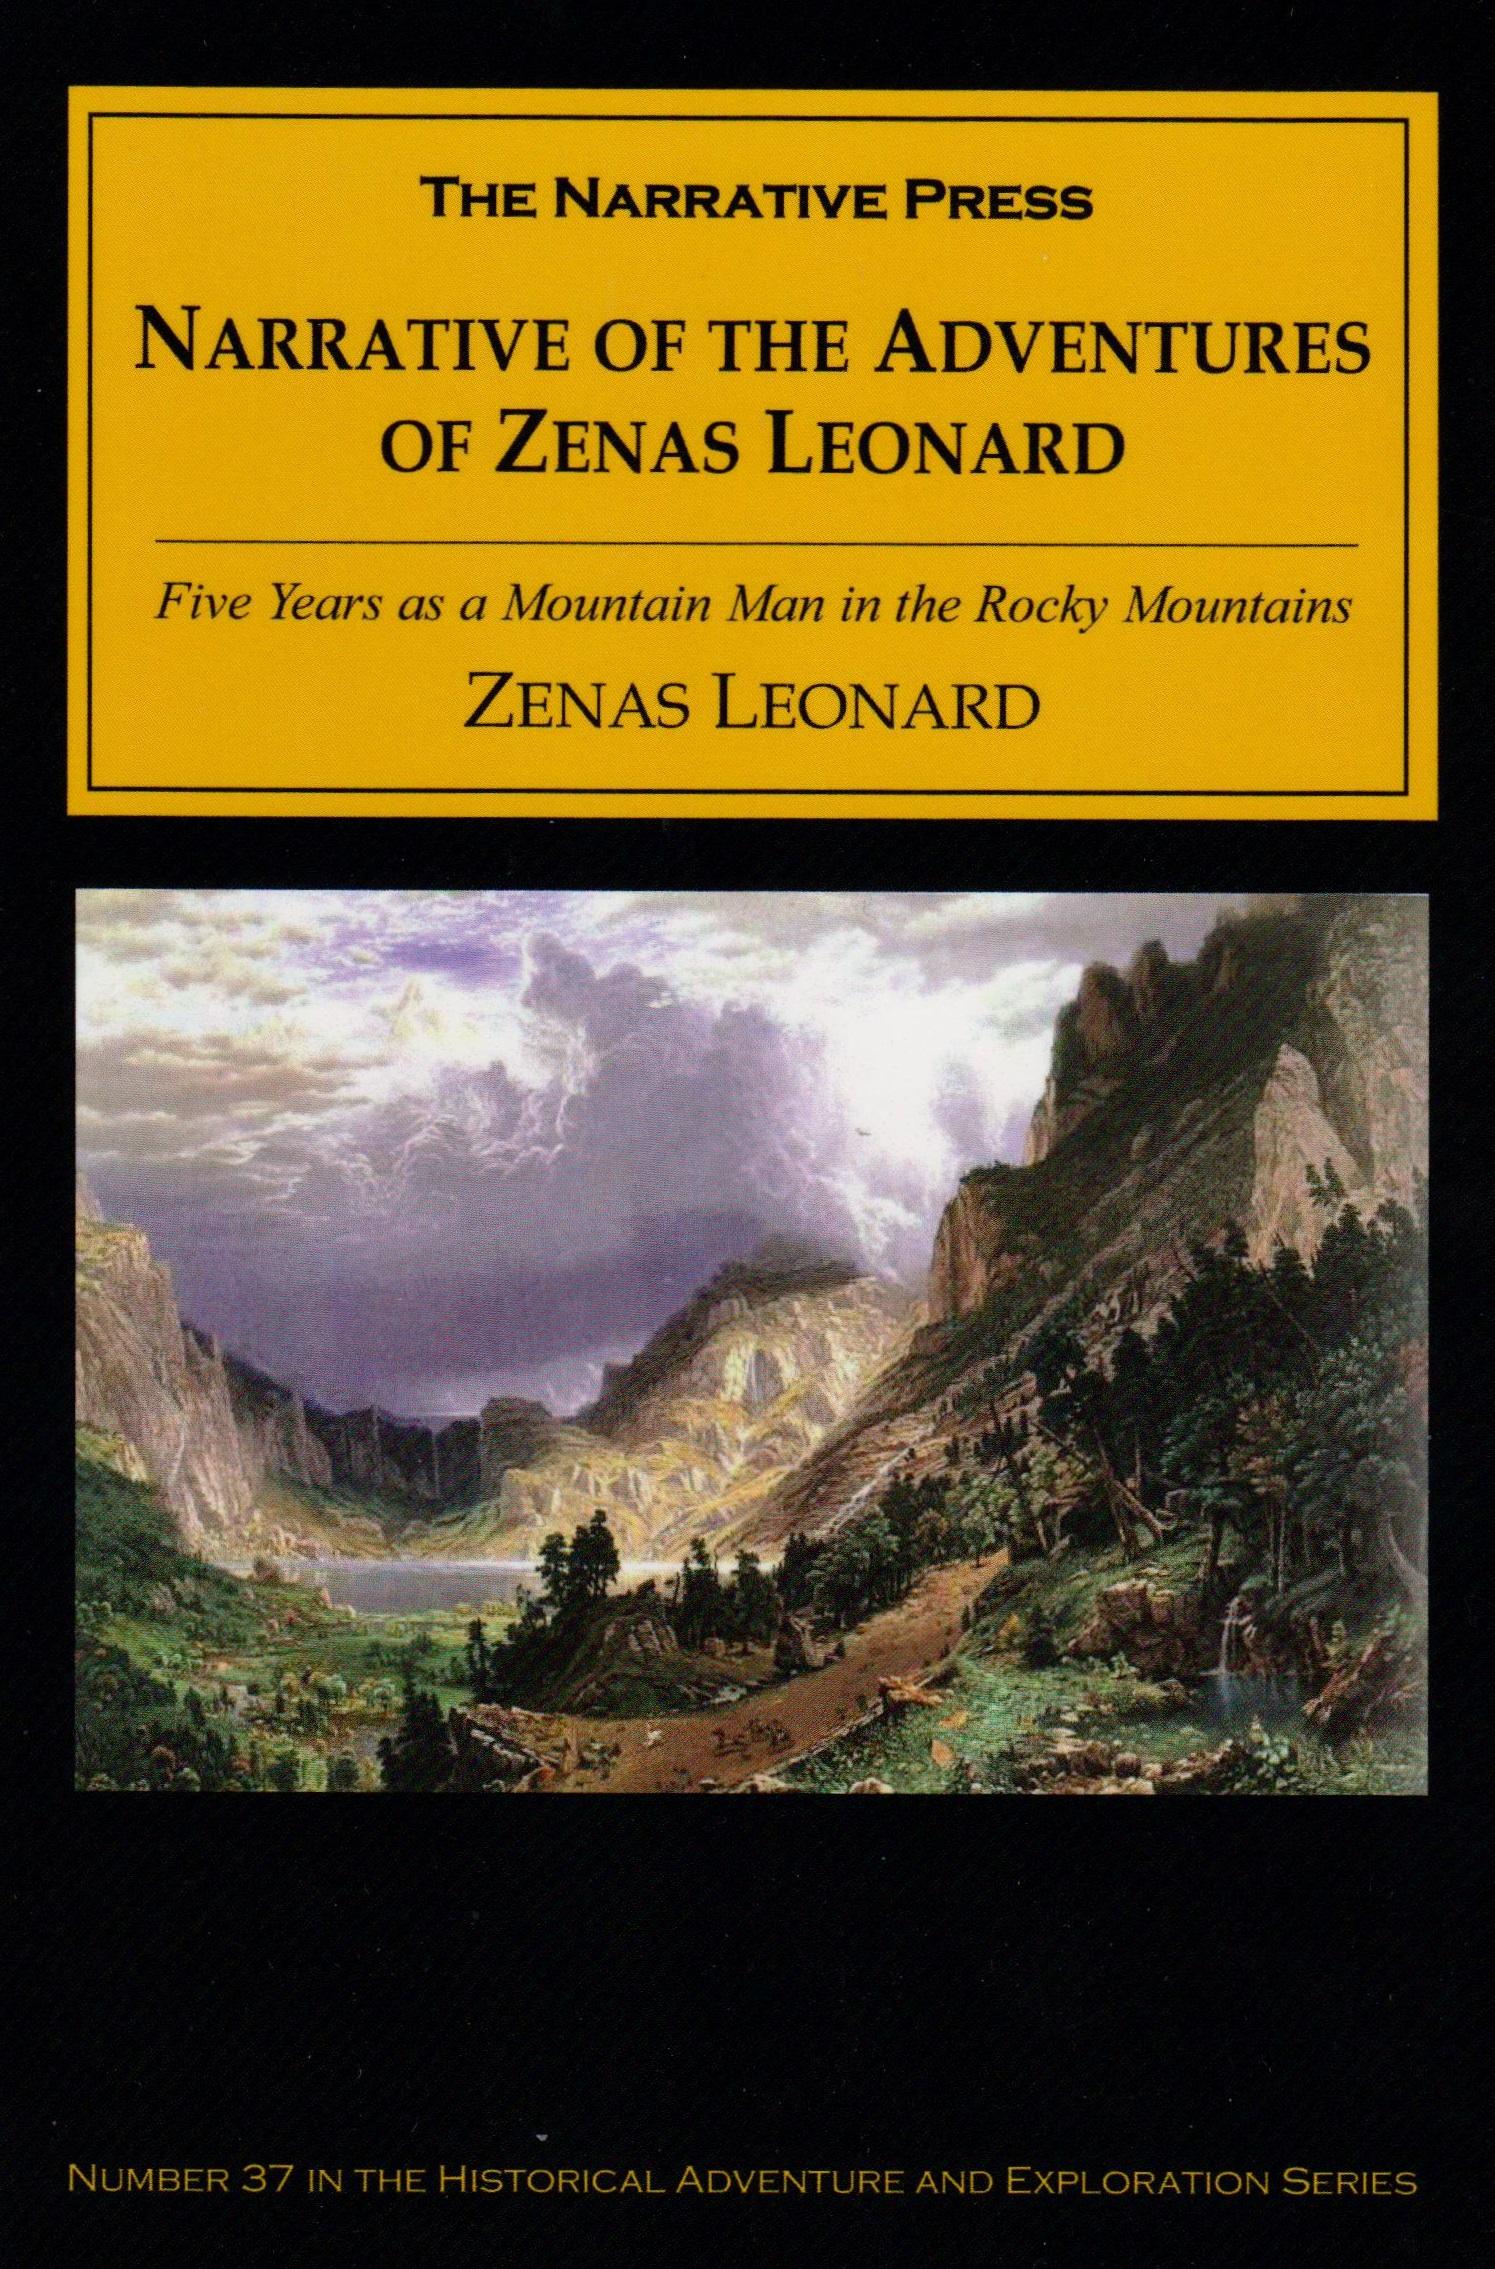 Adventures of Zenas Leonard